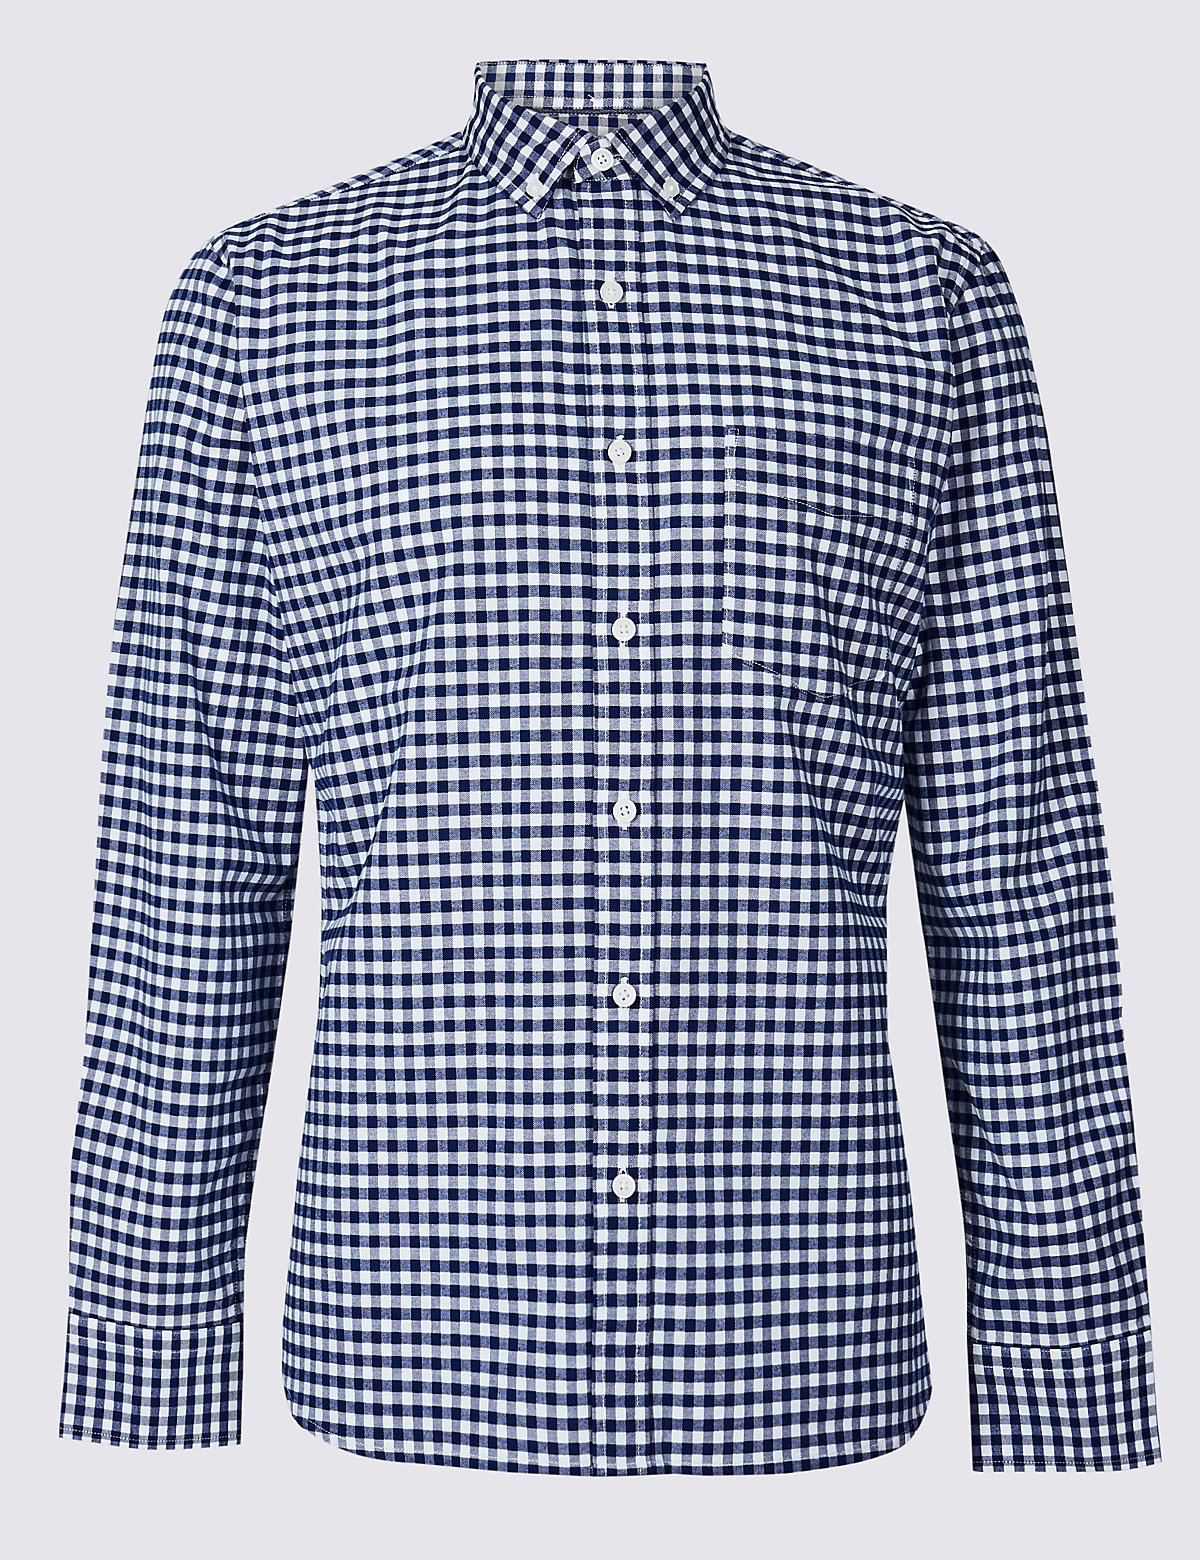 Рубашка узкого кроя из 100% хлопка, в клетку